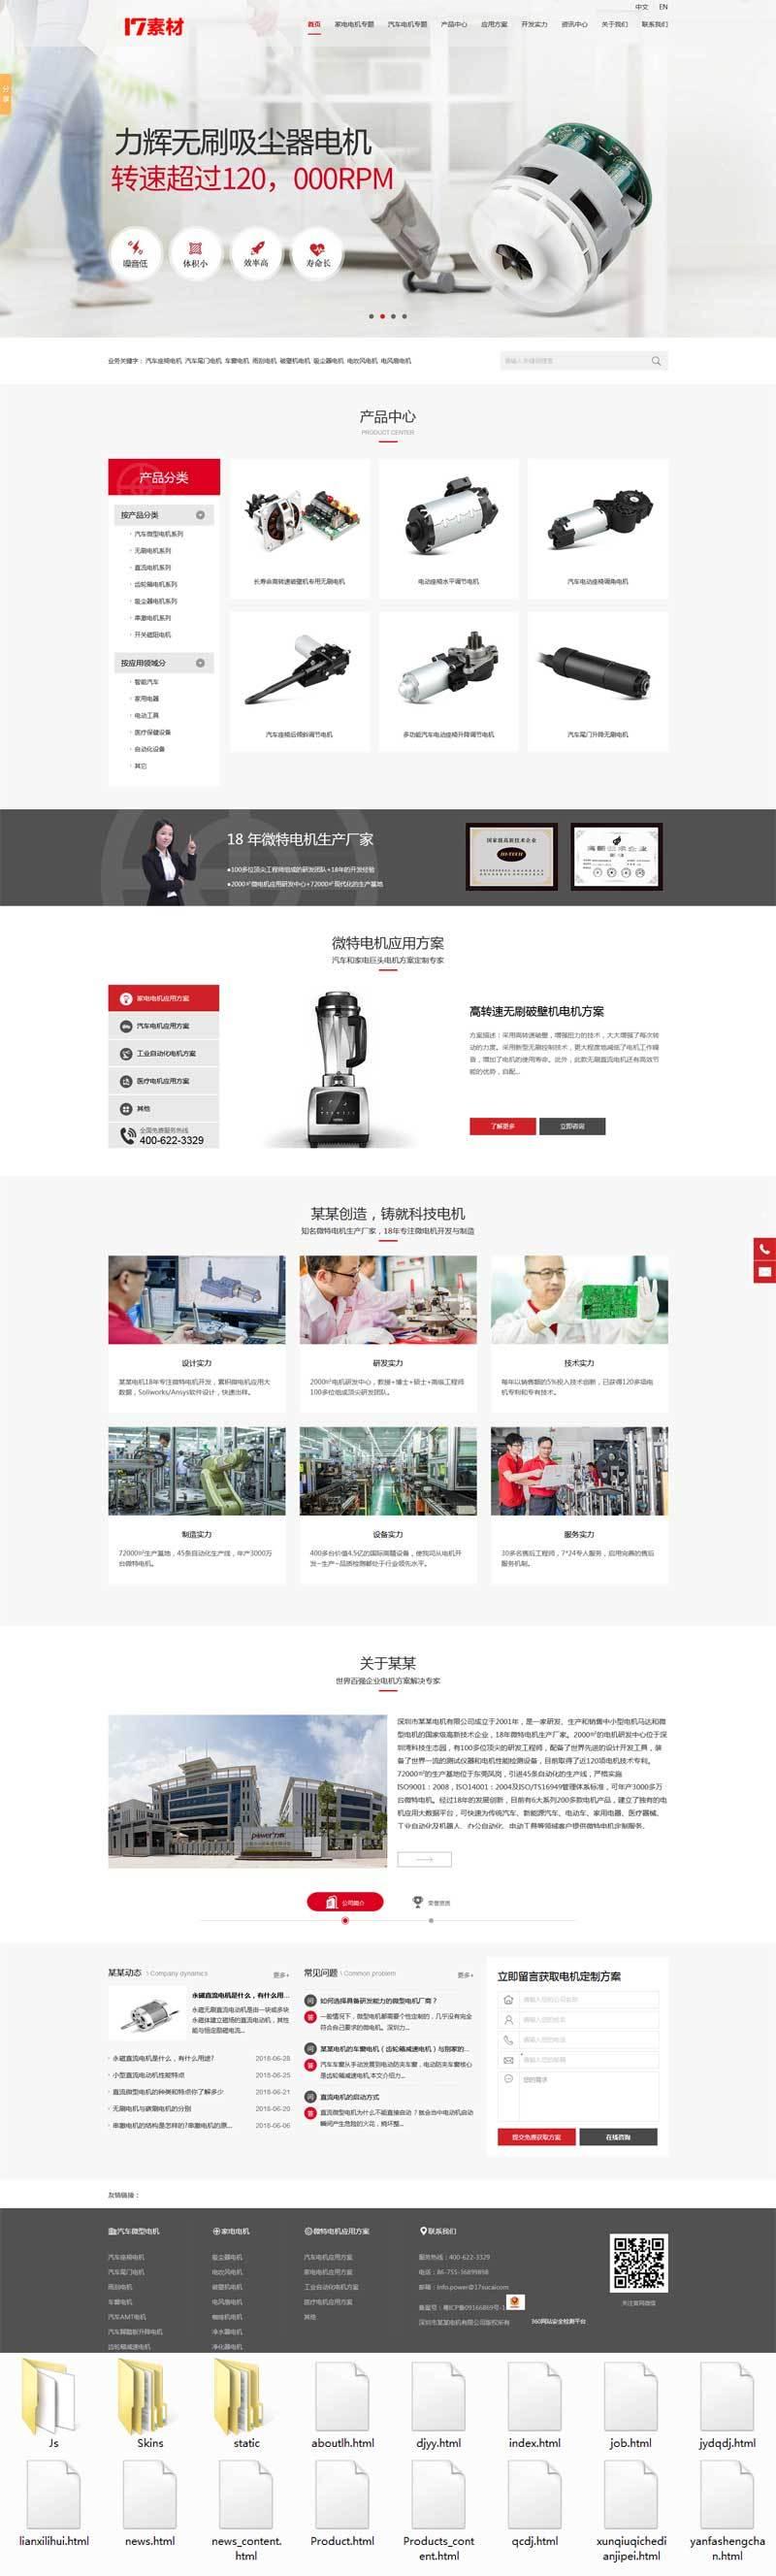 红色宽屏的电机生产机械企业??官网html模板